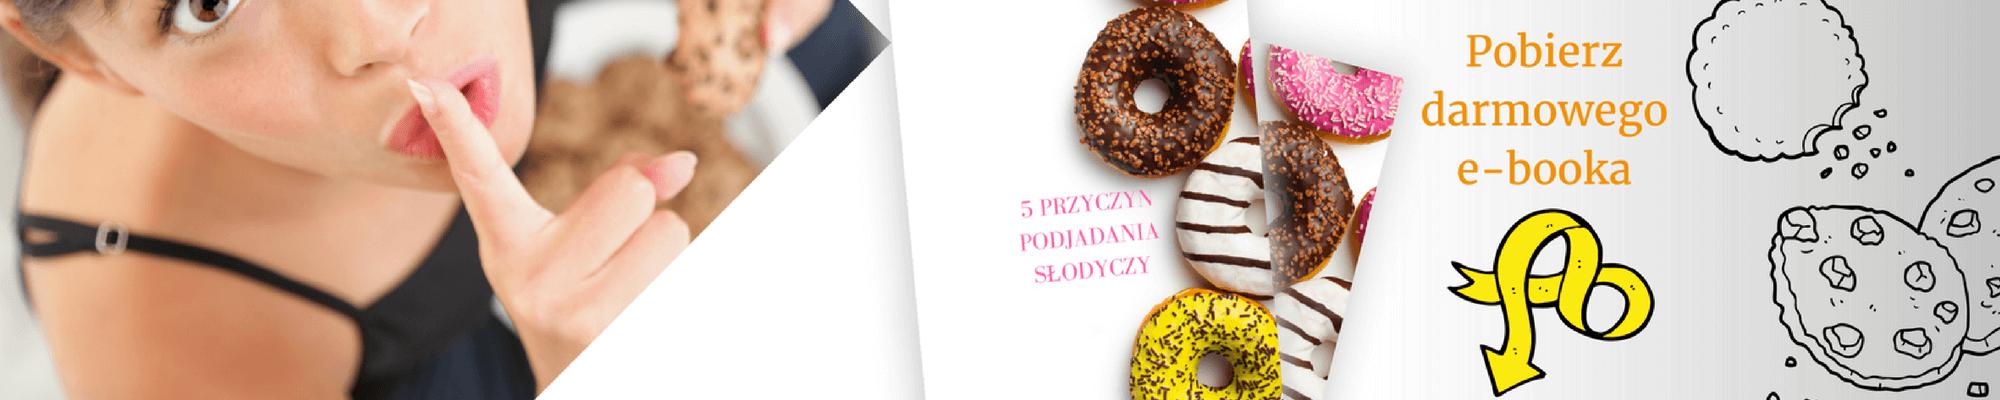 Slodkie_zycie_bez_sldyczy_ebook_fitStrategia